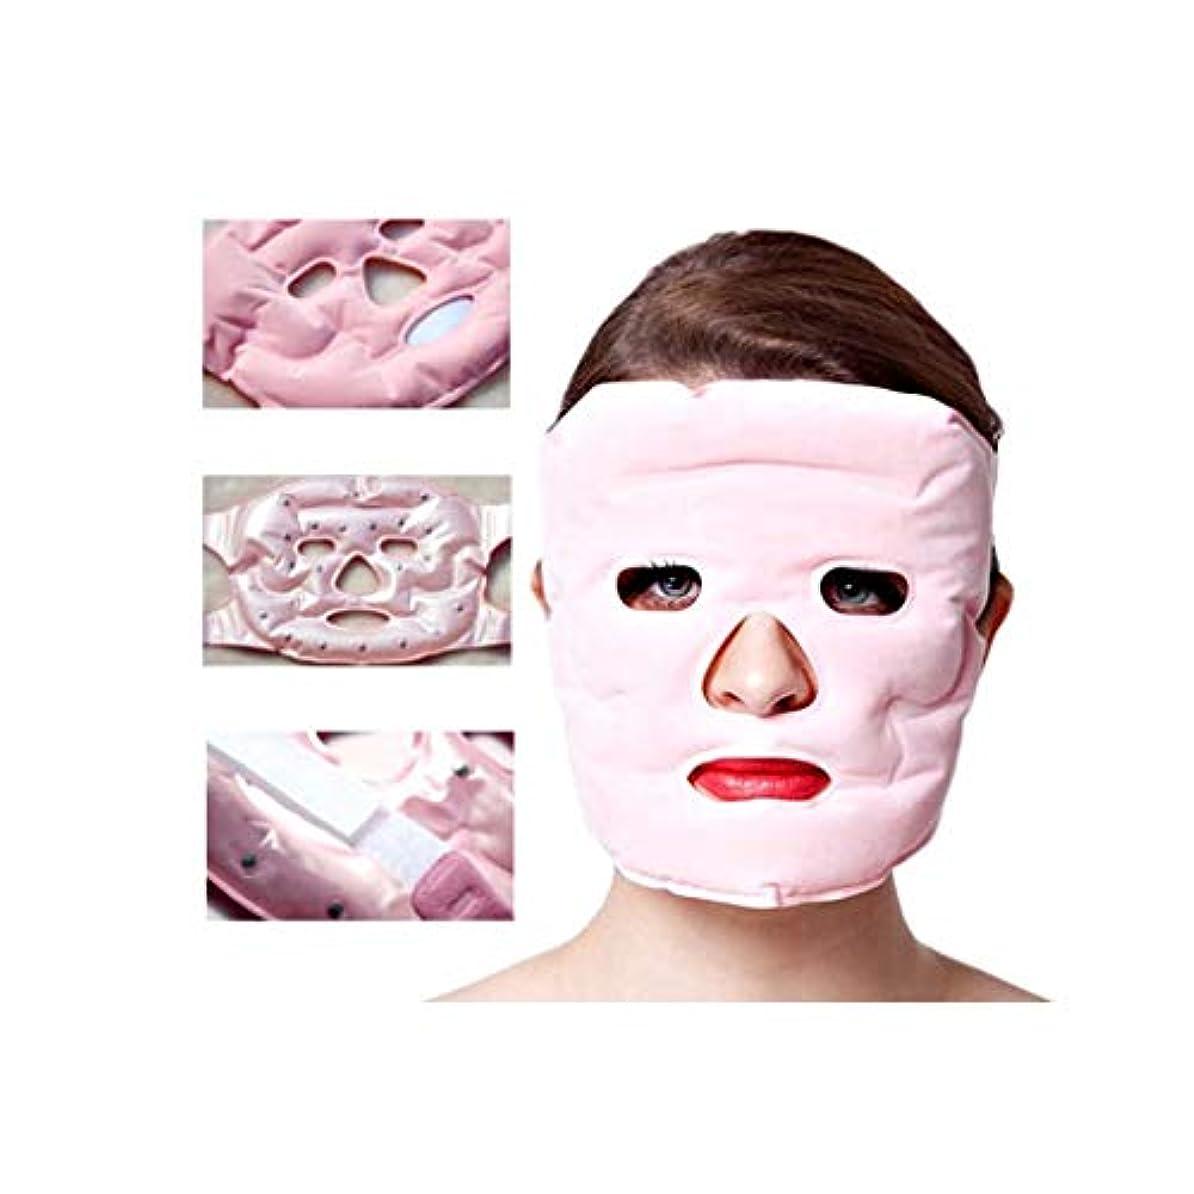 止まる初心者インフラXHLMRMJ フェイシャルスリミング、Vフェイスマスク、フェイスリフティングビューティーマスク、磁気療法リフティングフェイス、肌の状態を改善するための肌の頬の引き締め